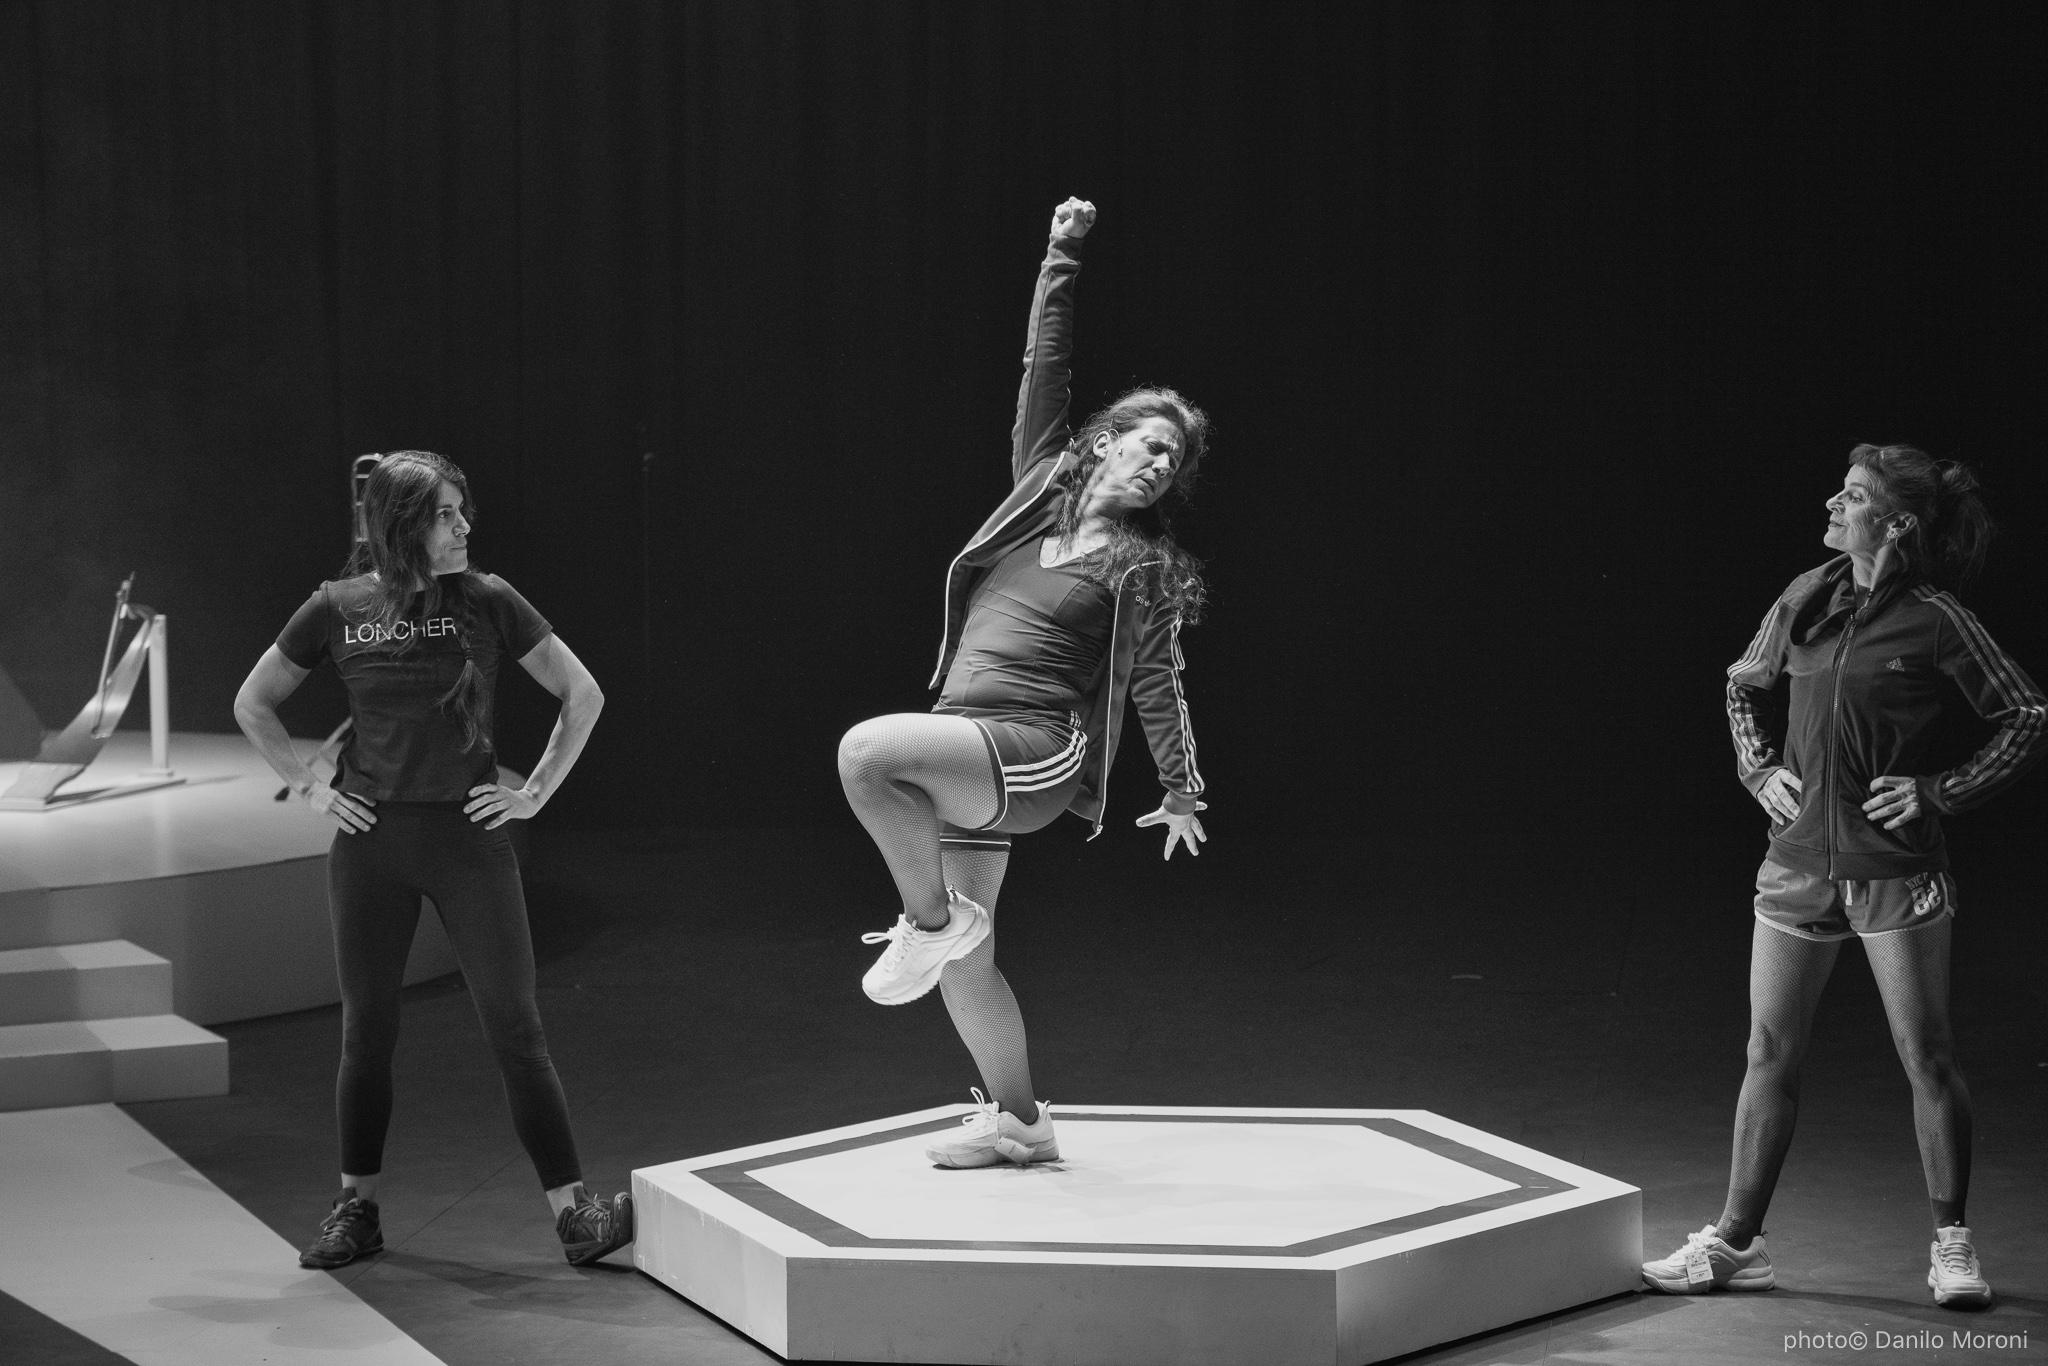 Teatro-en-vilo-Circo-Price-Miss-Mara-photo-Danilo-Moroni-204.jpg